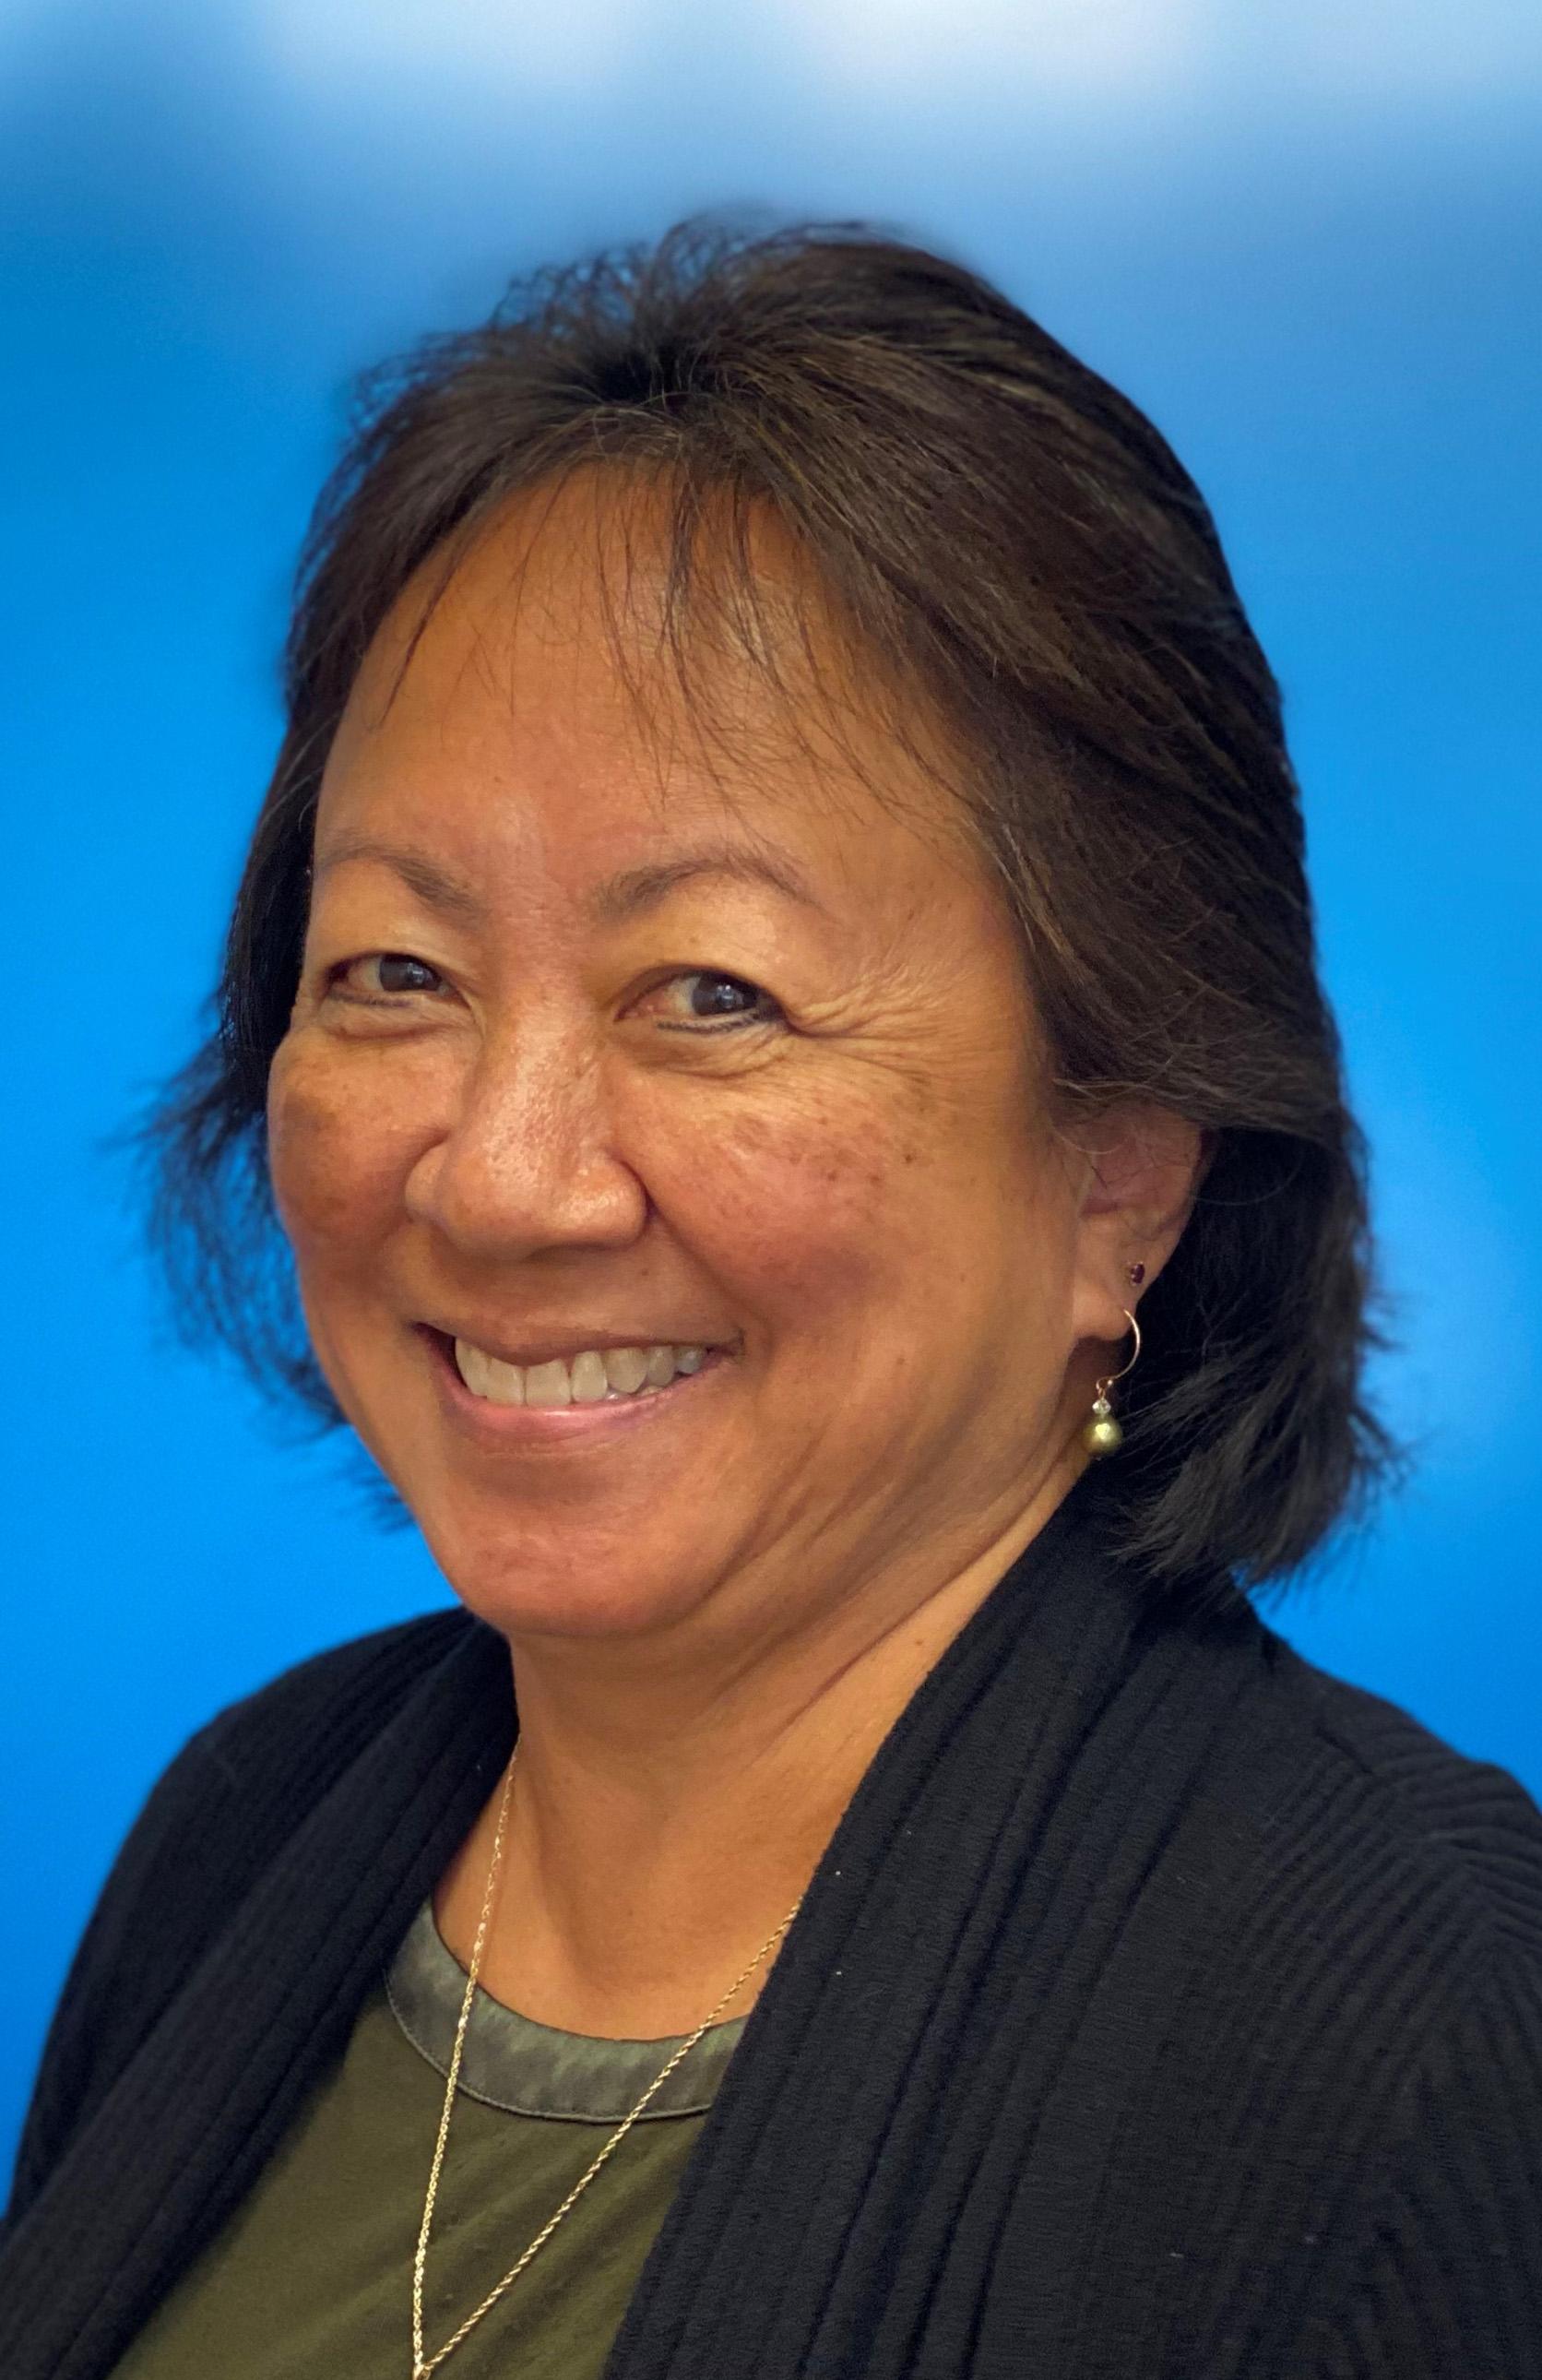 Anne Nagata